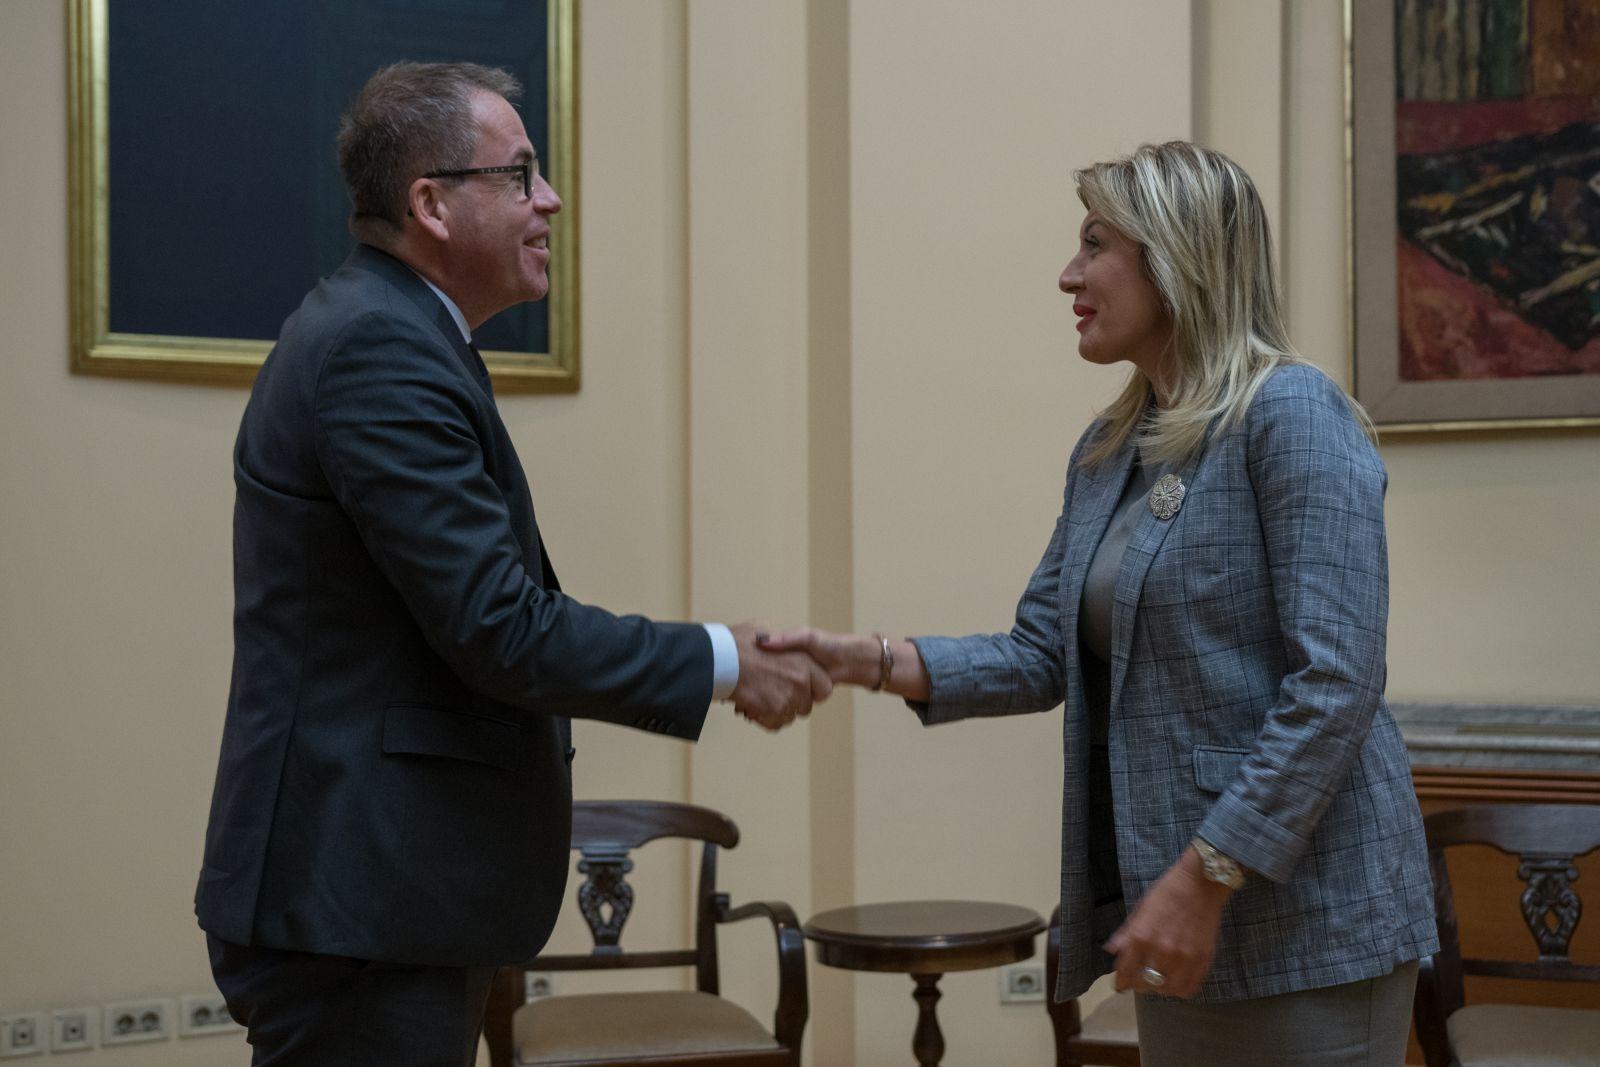 Ј. Јоксимовић и Ел о наставку развојне сарадње Србије и Немачке